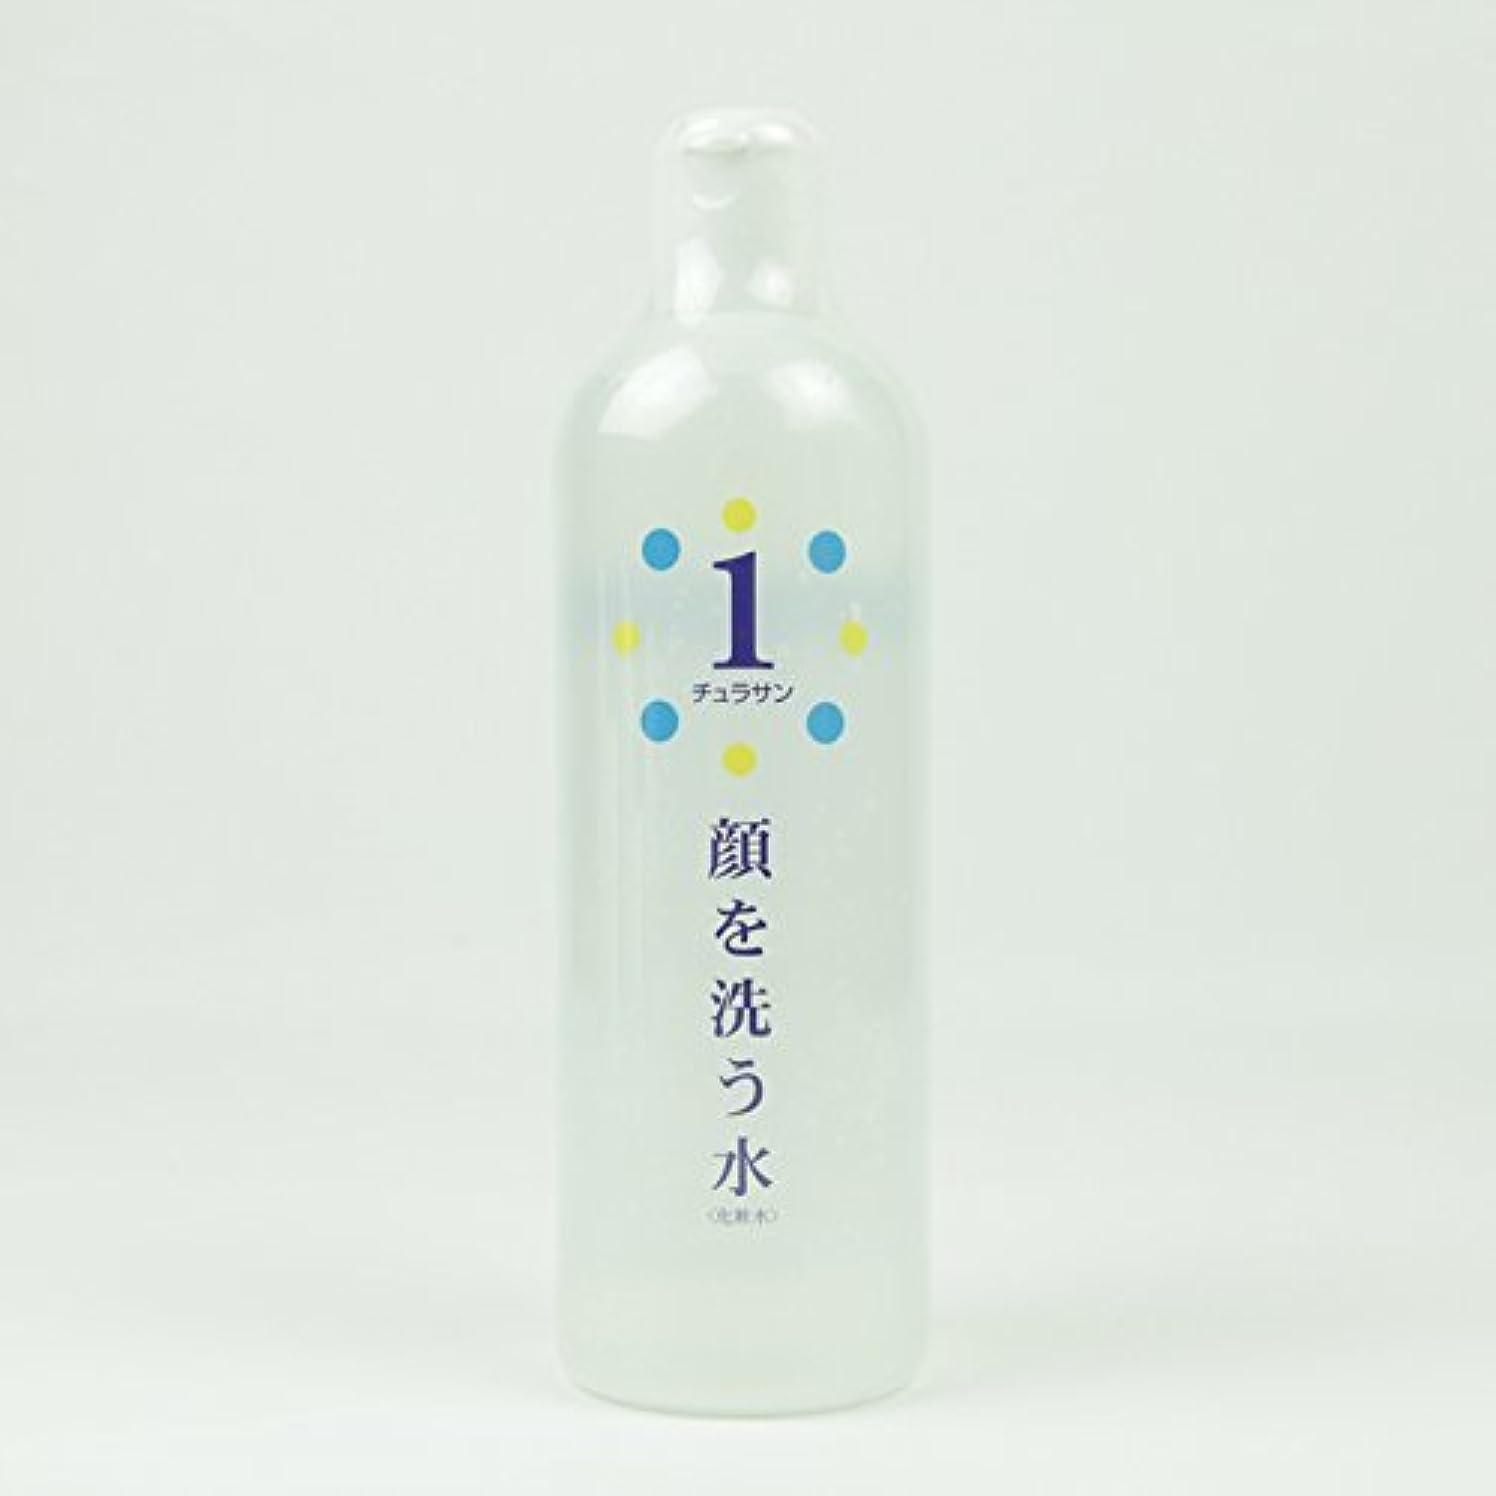 兵士アマチュア歌チュラサン1 【顔を洗う水】 500ml